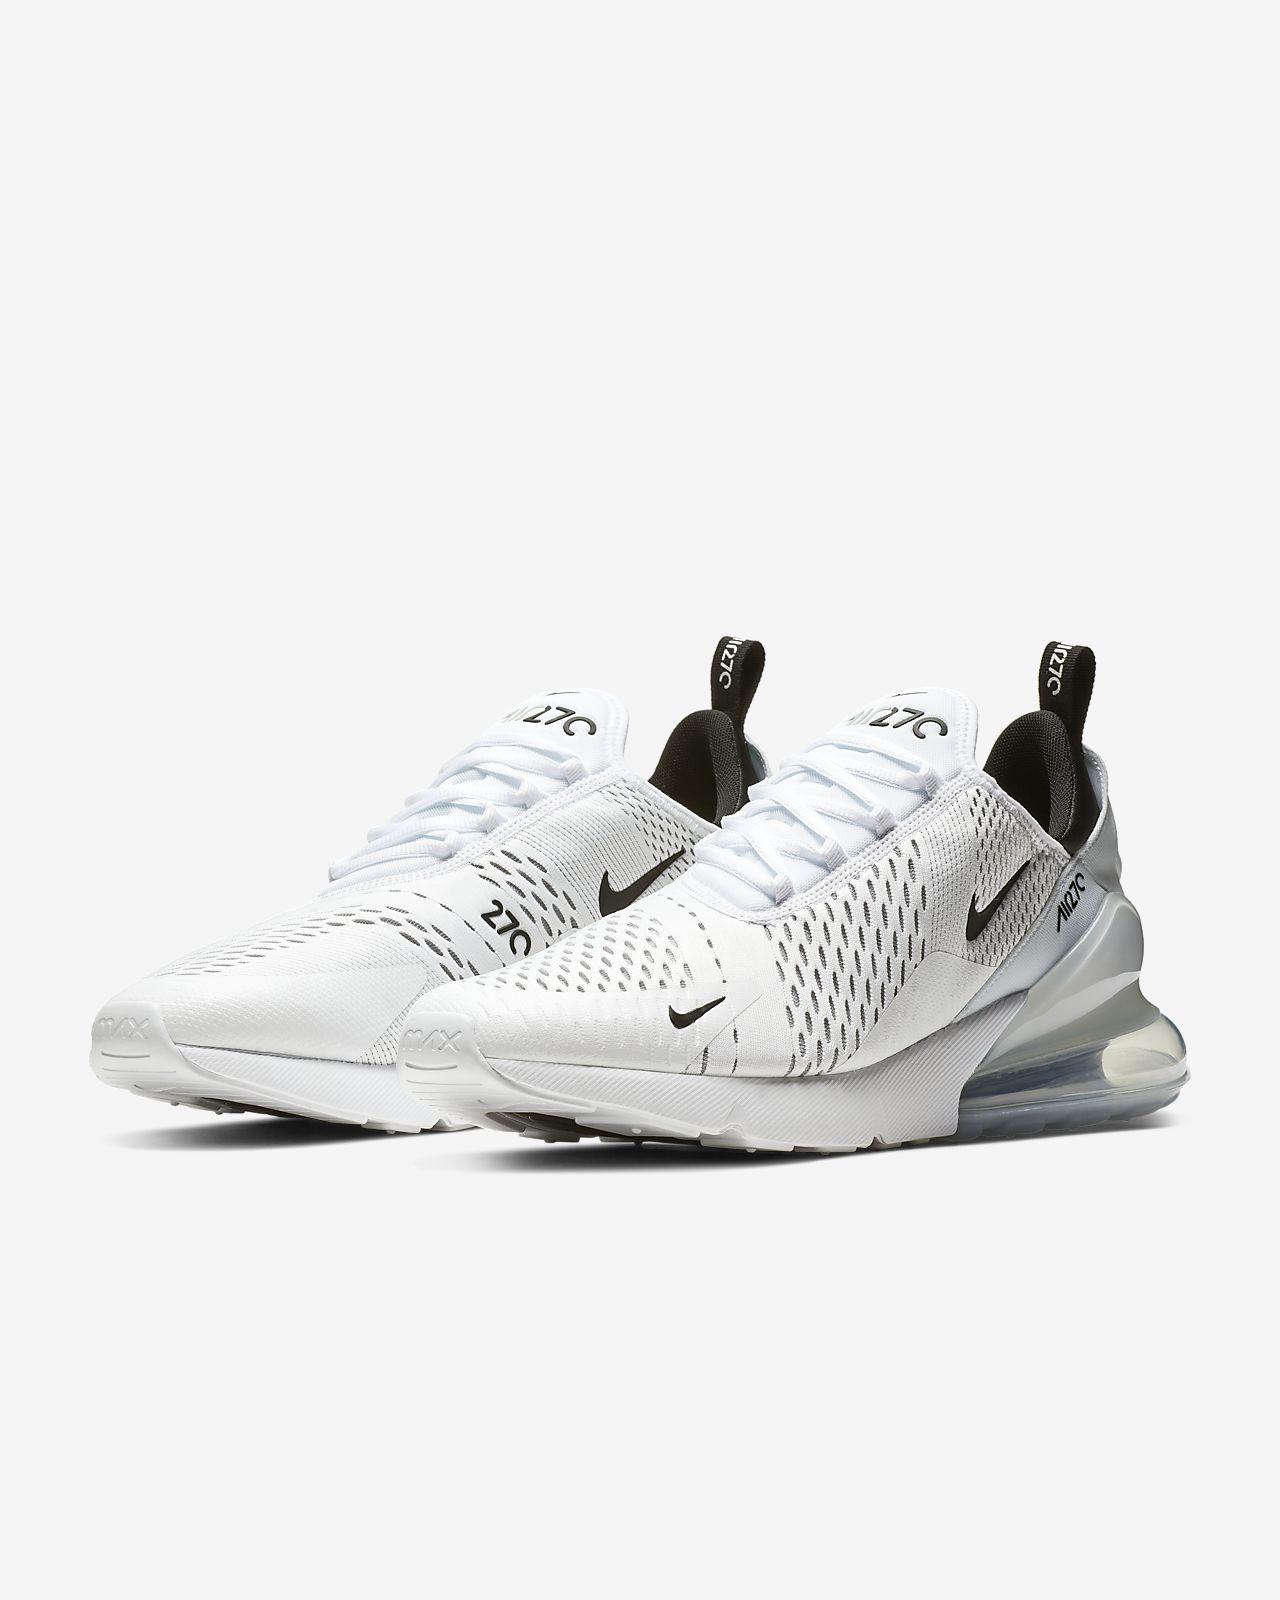 6bca473238e6 Nike Air Max 270 Men s Shoe. Nike.com CH